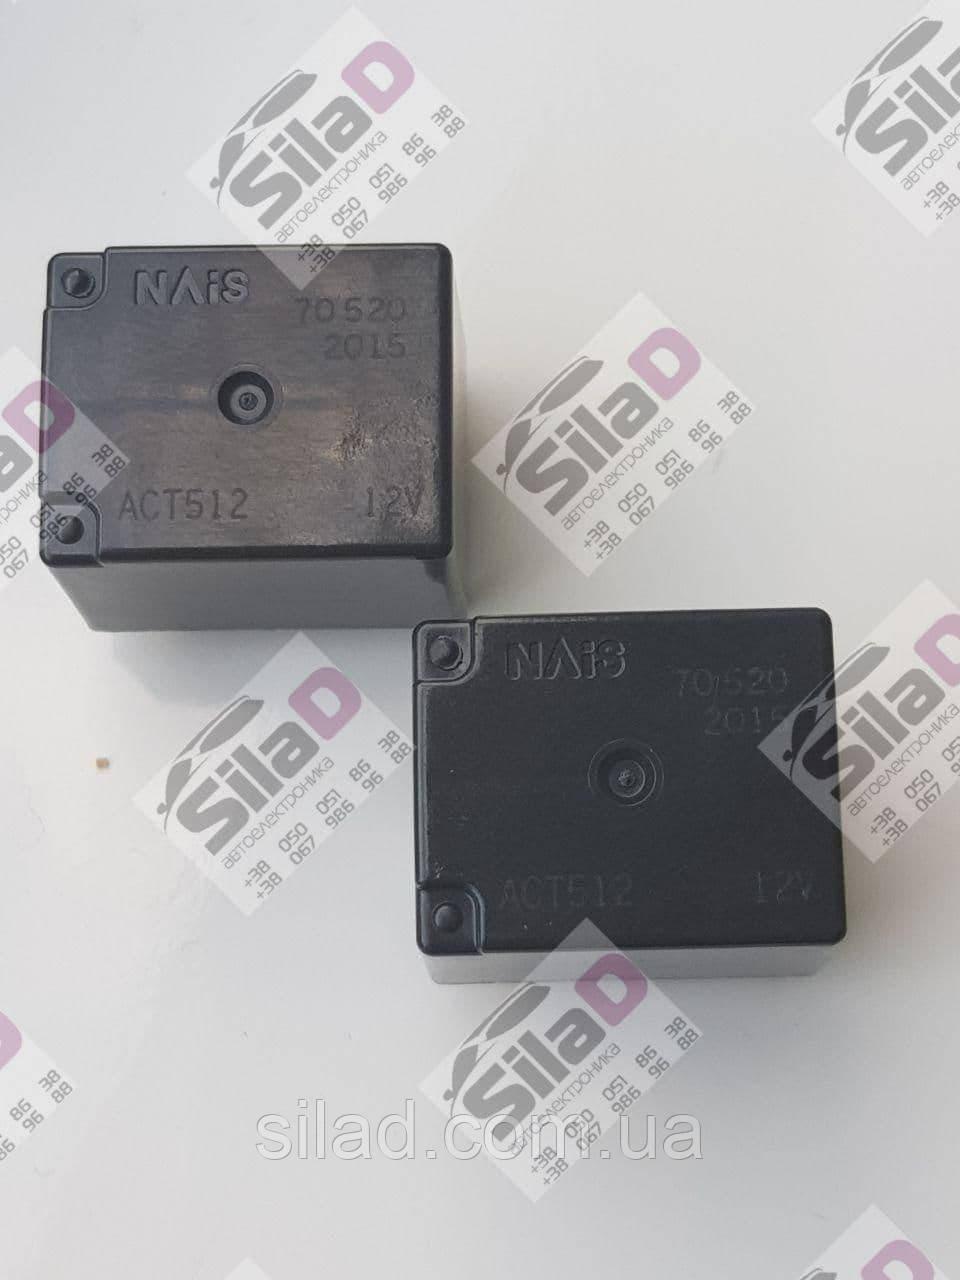 Автомобильное реле ACT512 12V Nais корпус DIP10